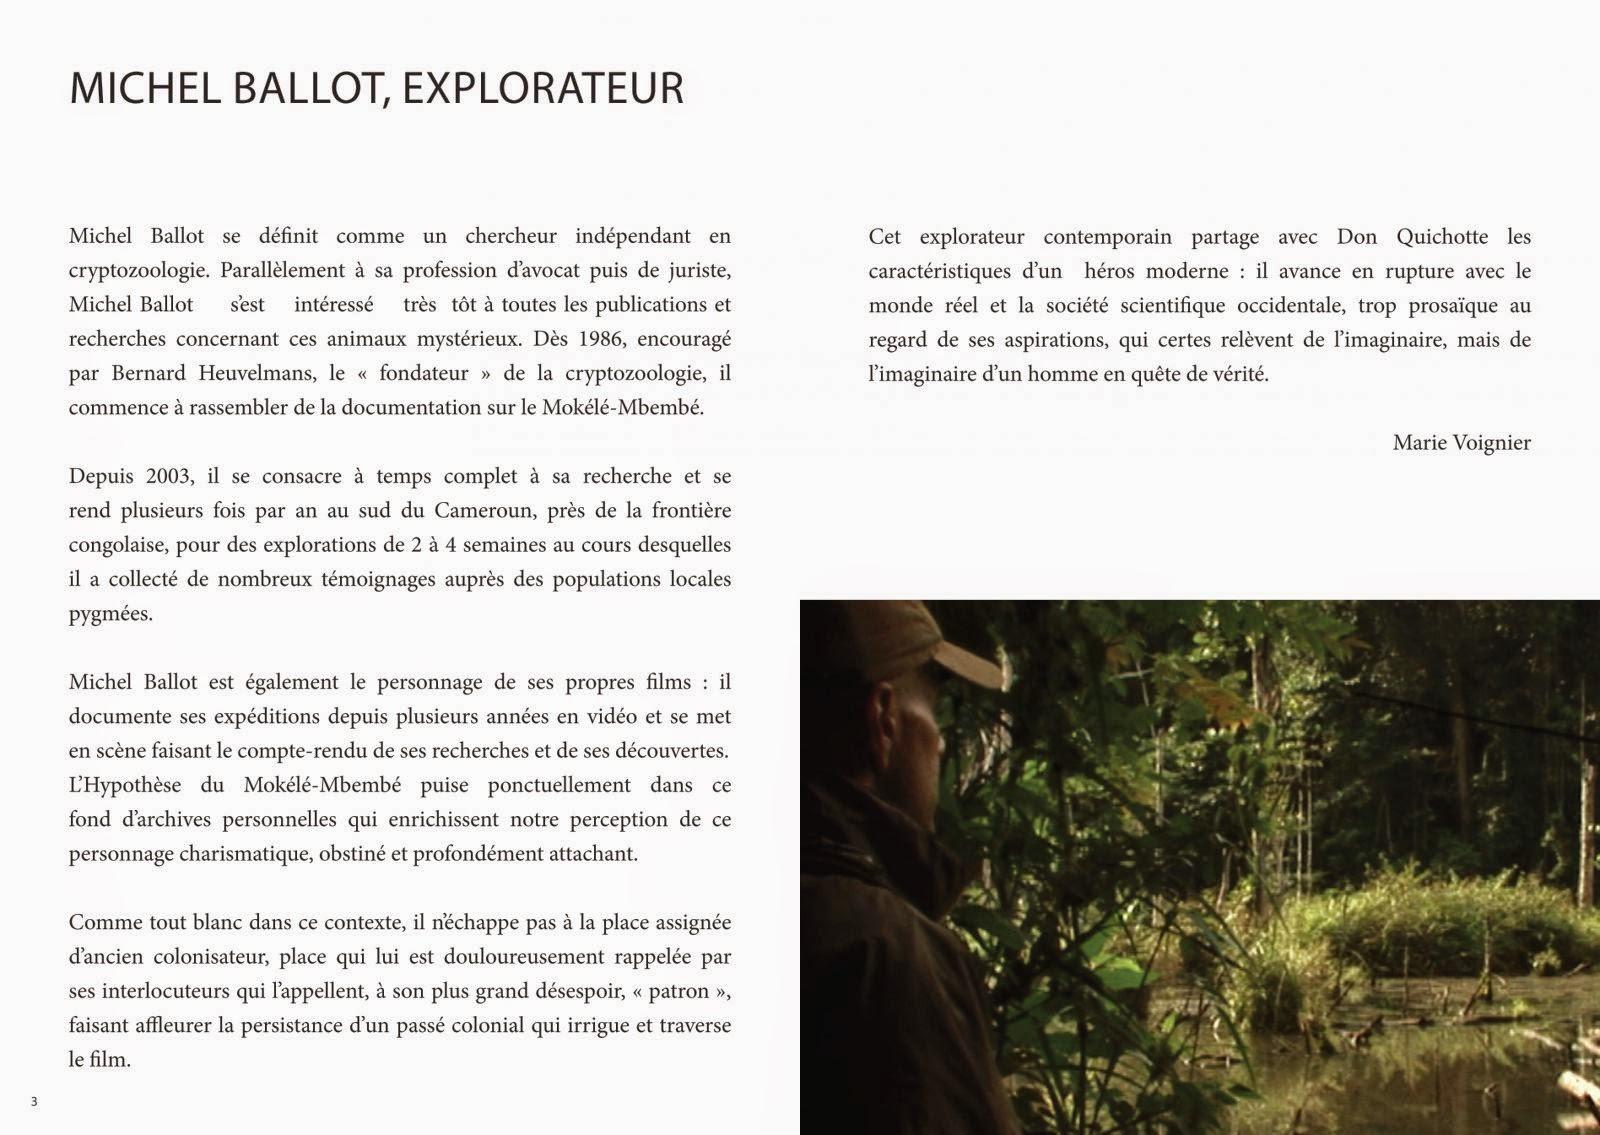 MOKELE - MBEMBE EXPEDITIONS: PARTEZ EN EXPEDITION SUR LA PISTE DES